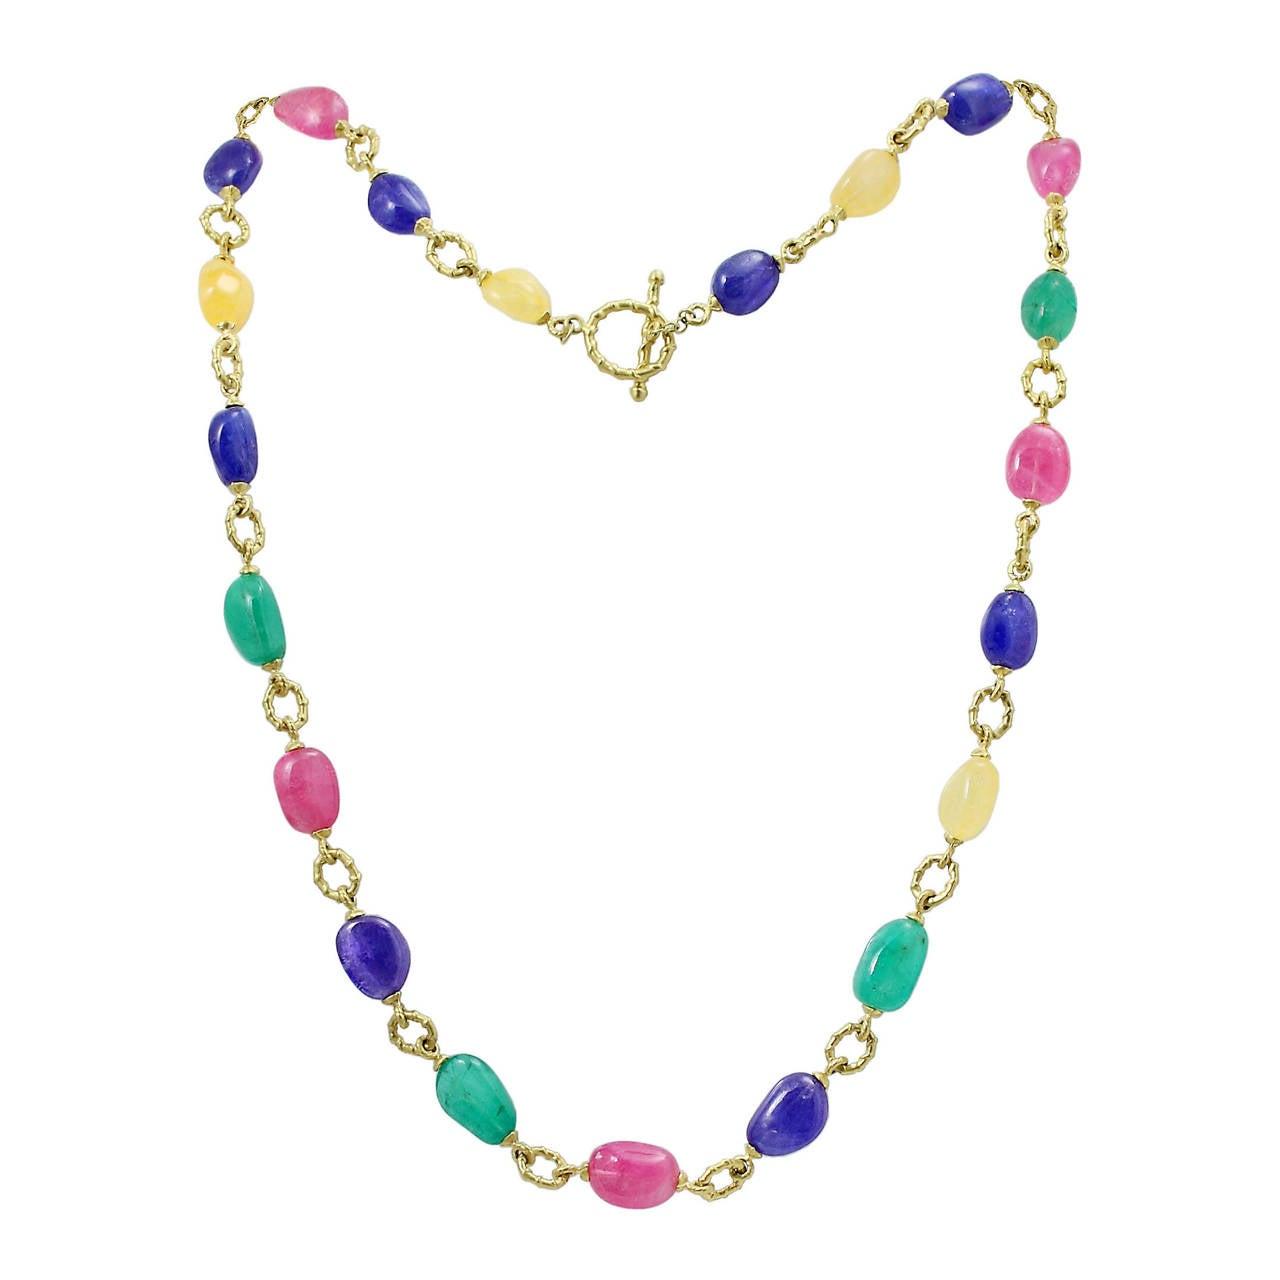 Multi Gem Gold Link Necklace